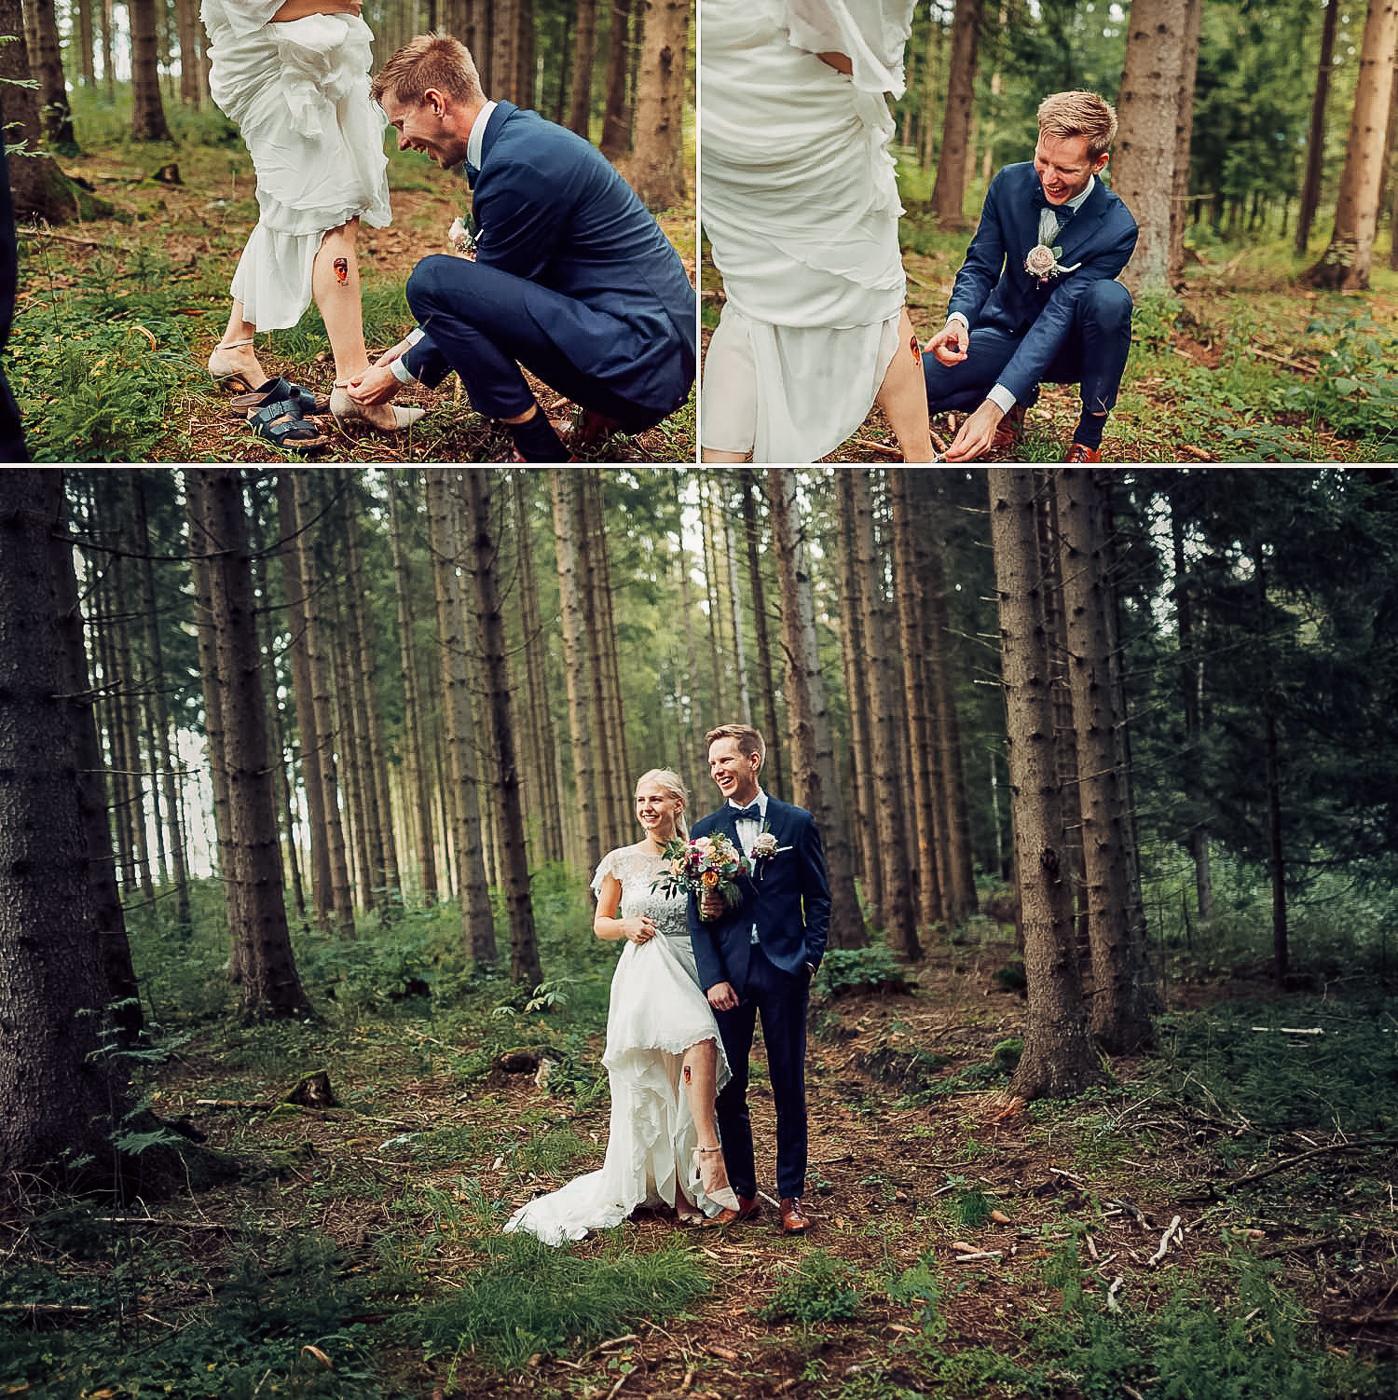 Karianne & Kent - sommerlig heldagsfotografering i Stavern Sommerbryllup Stavern Vestfold 21 Brudepar